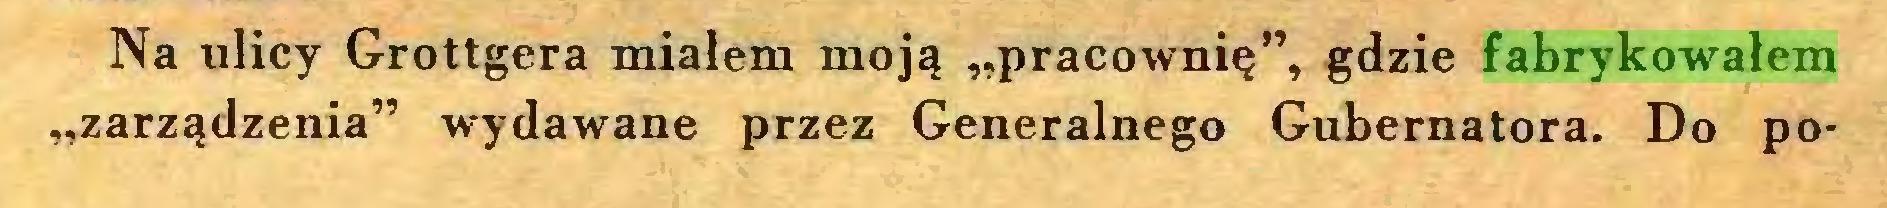 """(...) Na ulicy Grottgera miałem moją """"pracownię"""", gdzie fabrykowałem """"zarządzenia"""" wydawane przez Generalnego Gubernatora. Do po..."""